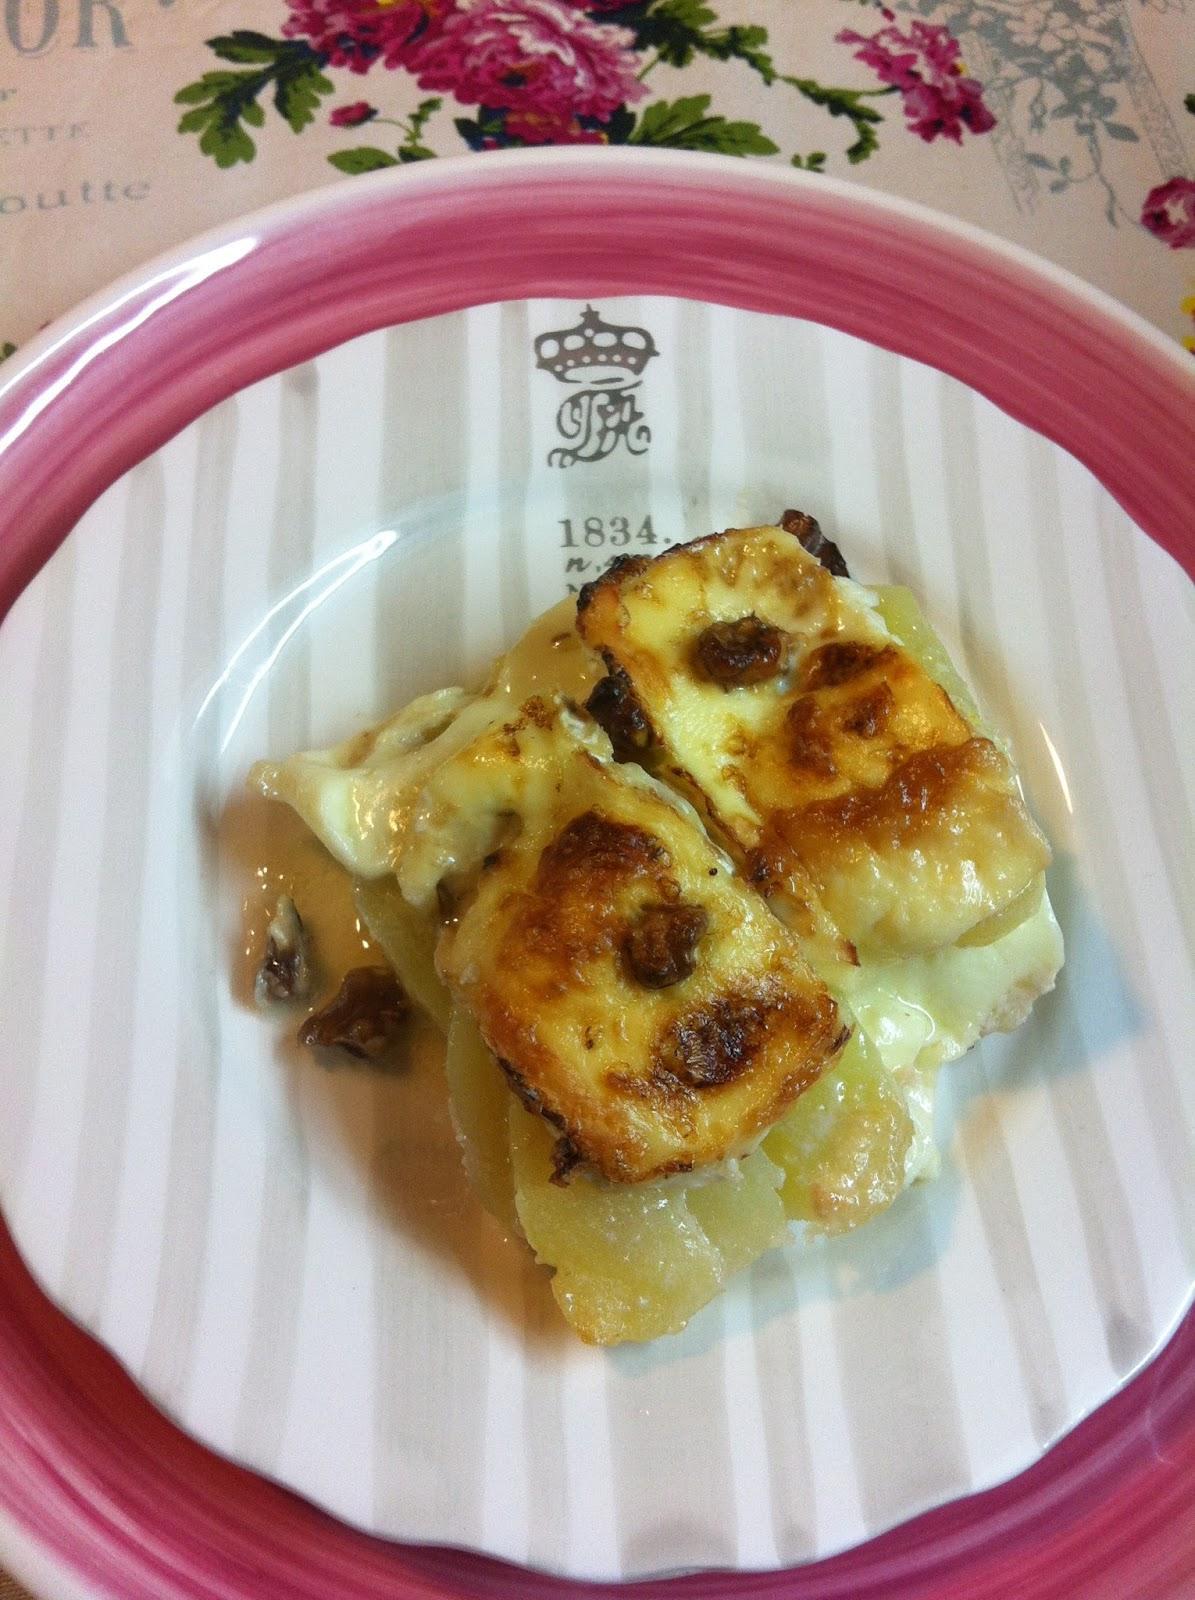 Gratinado de patatas manzana y brie paperblog - Gratinado de patata ...